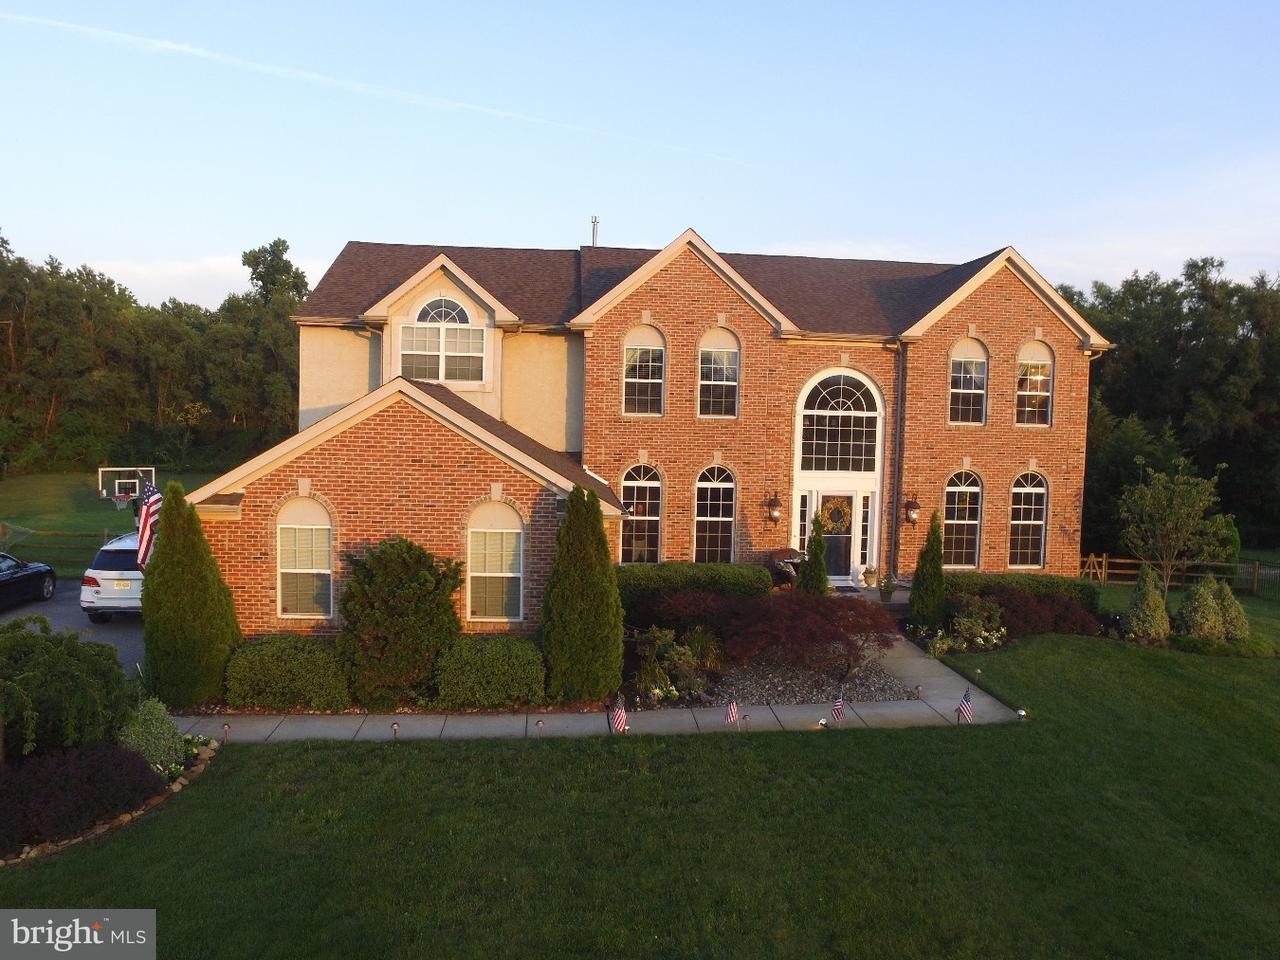 独户住宅 为 销售 在 5 VICTORIA Drive Swedesboro, 新泽西州 08085 美国